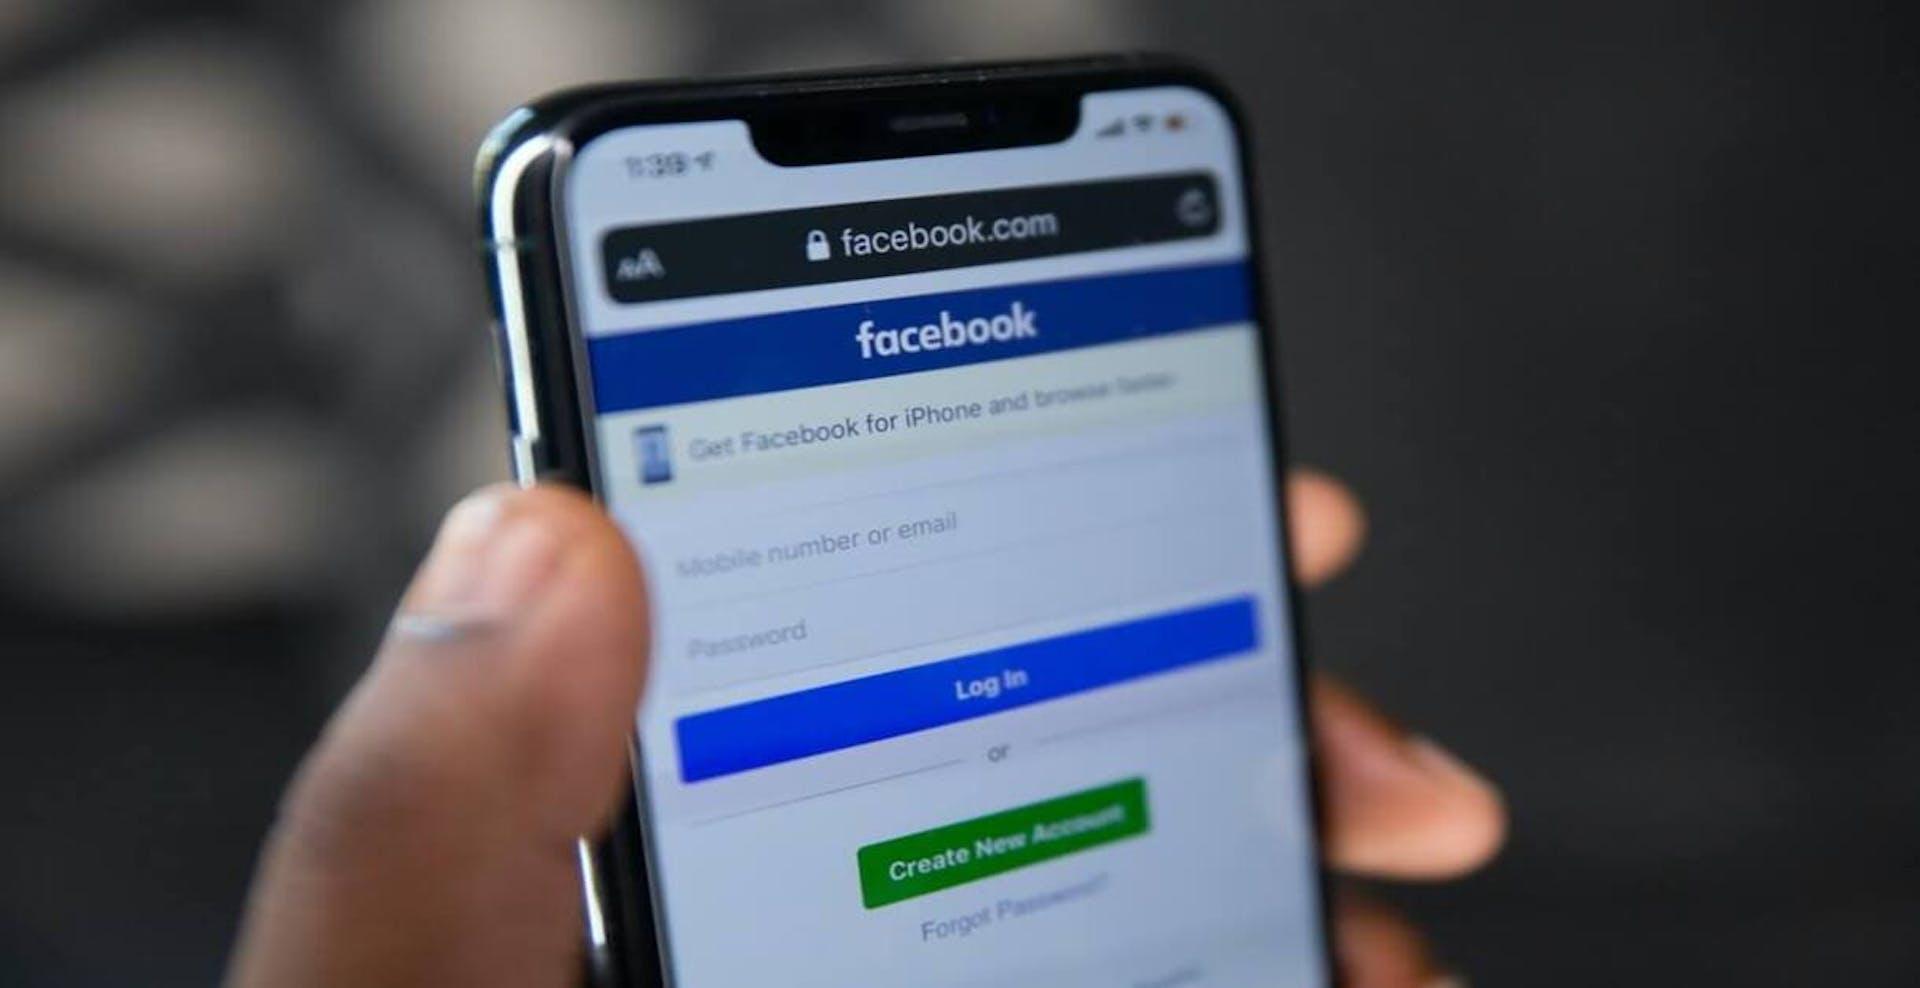 ¡Adiós a las noticias falsas! Facebook sancionará a quienes las compartan